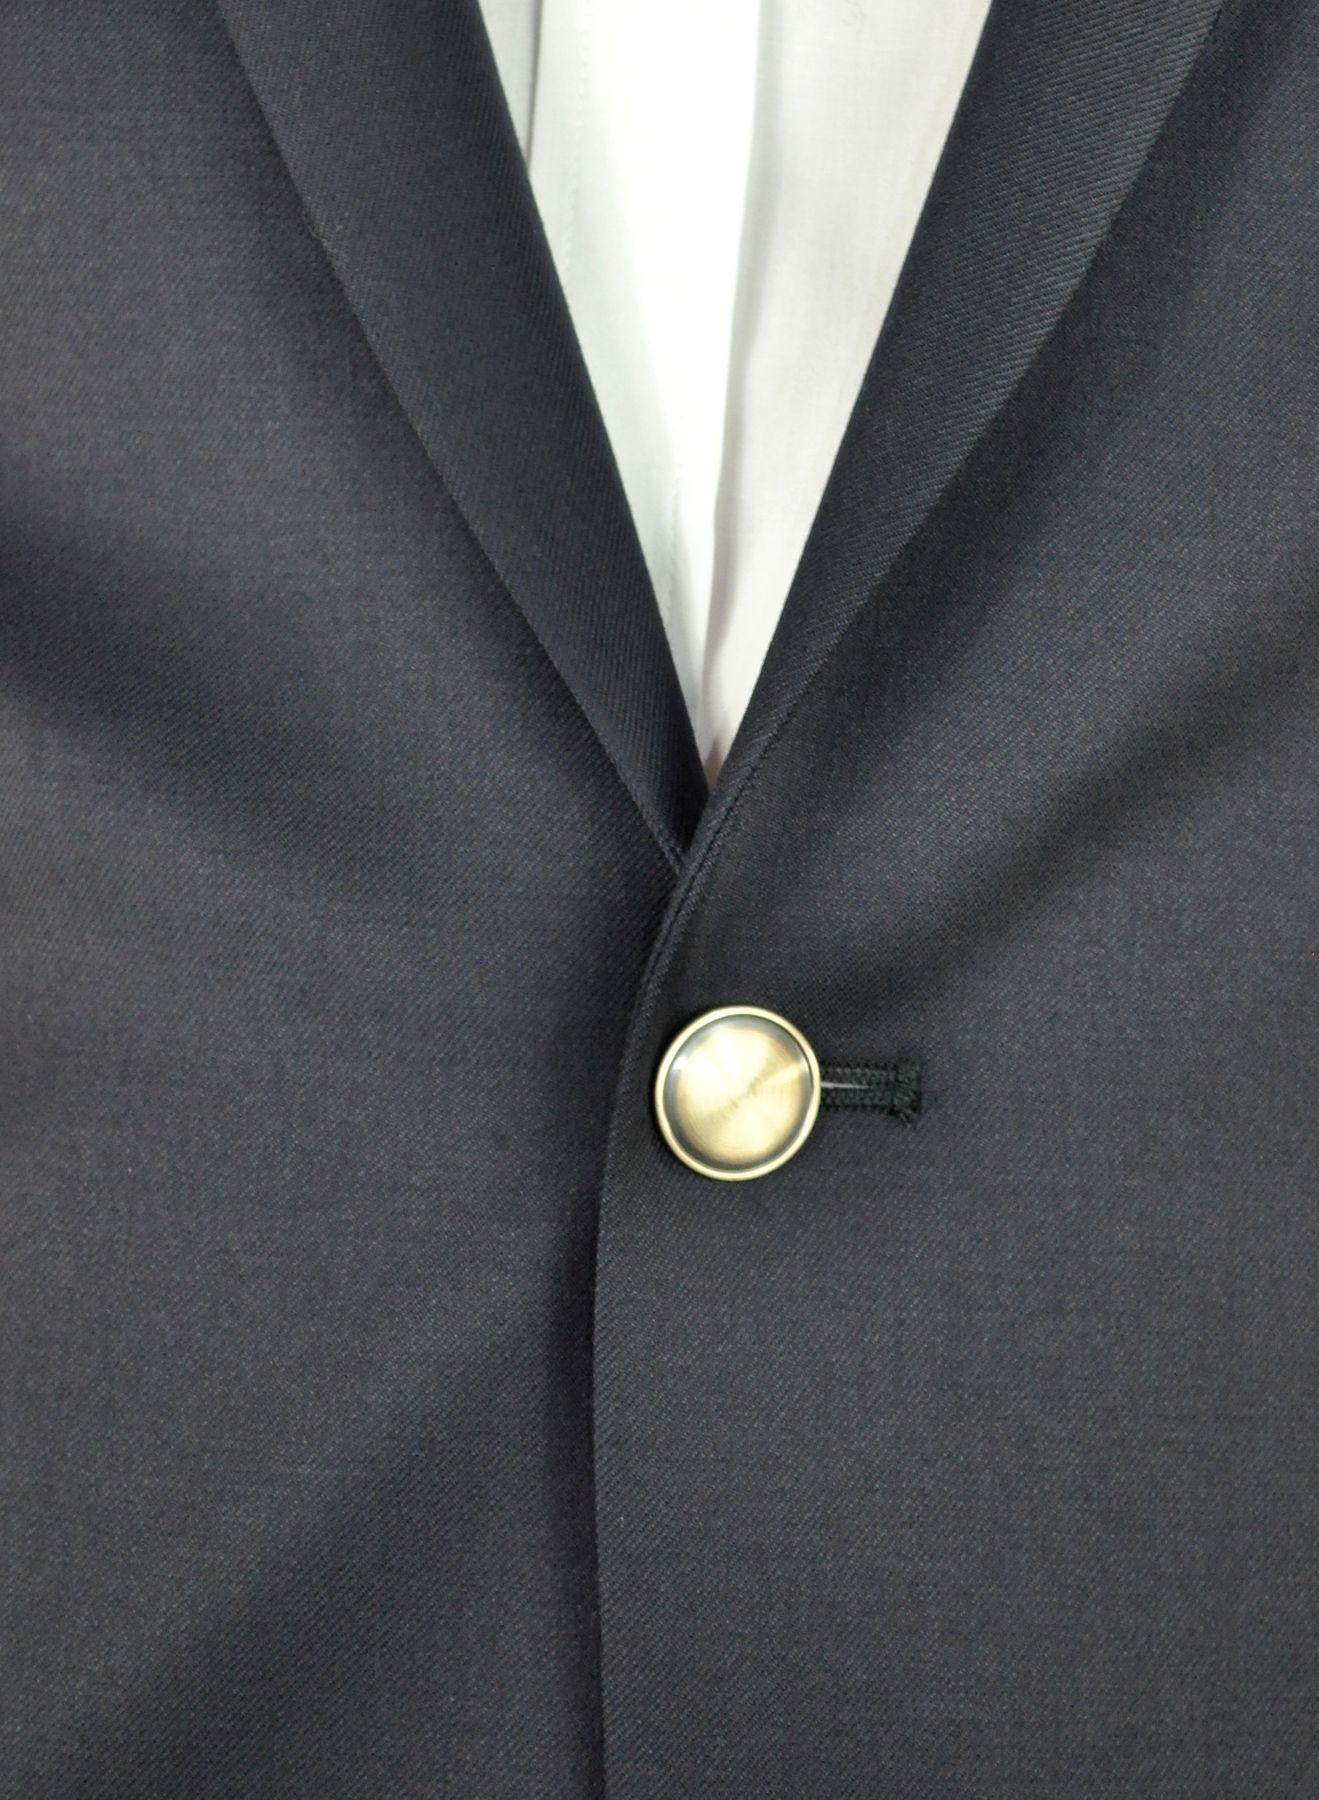 Atelier Torino - Classic Fit - Herren Blazer mit Goldknöpfen aus Super 100'S Schurwolle in Dunkelblau, Lucio SS (07007) Model: Lucio SS (7177) – Bild 2